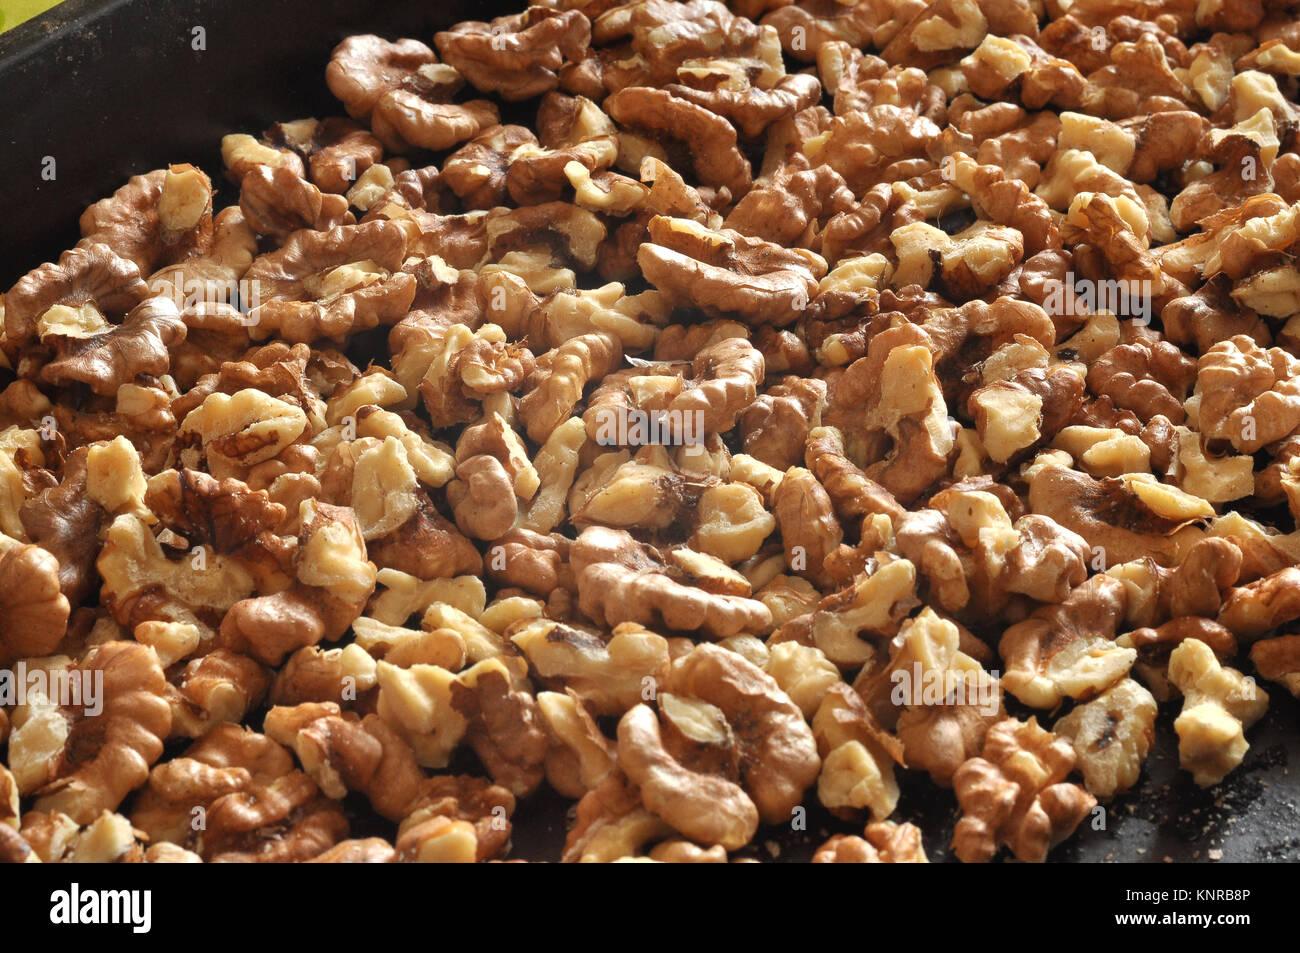 Baked walnut kernels on a black backing tray close-up. Walnut background - Stock Image